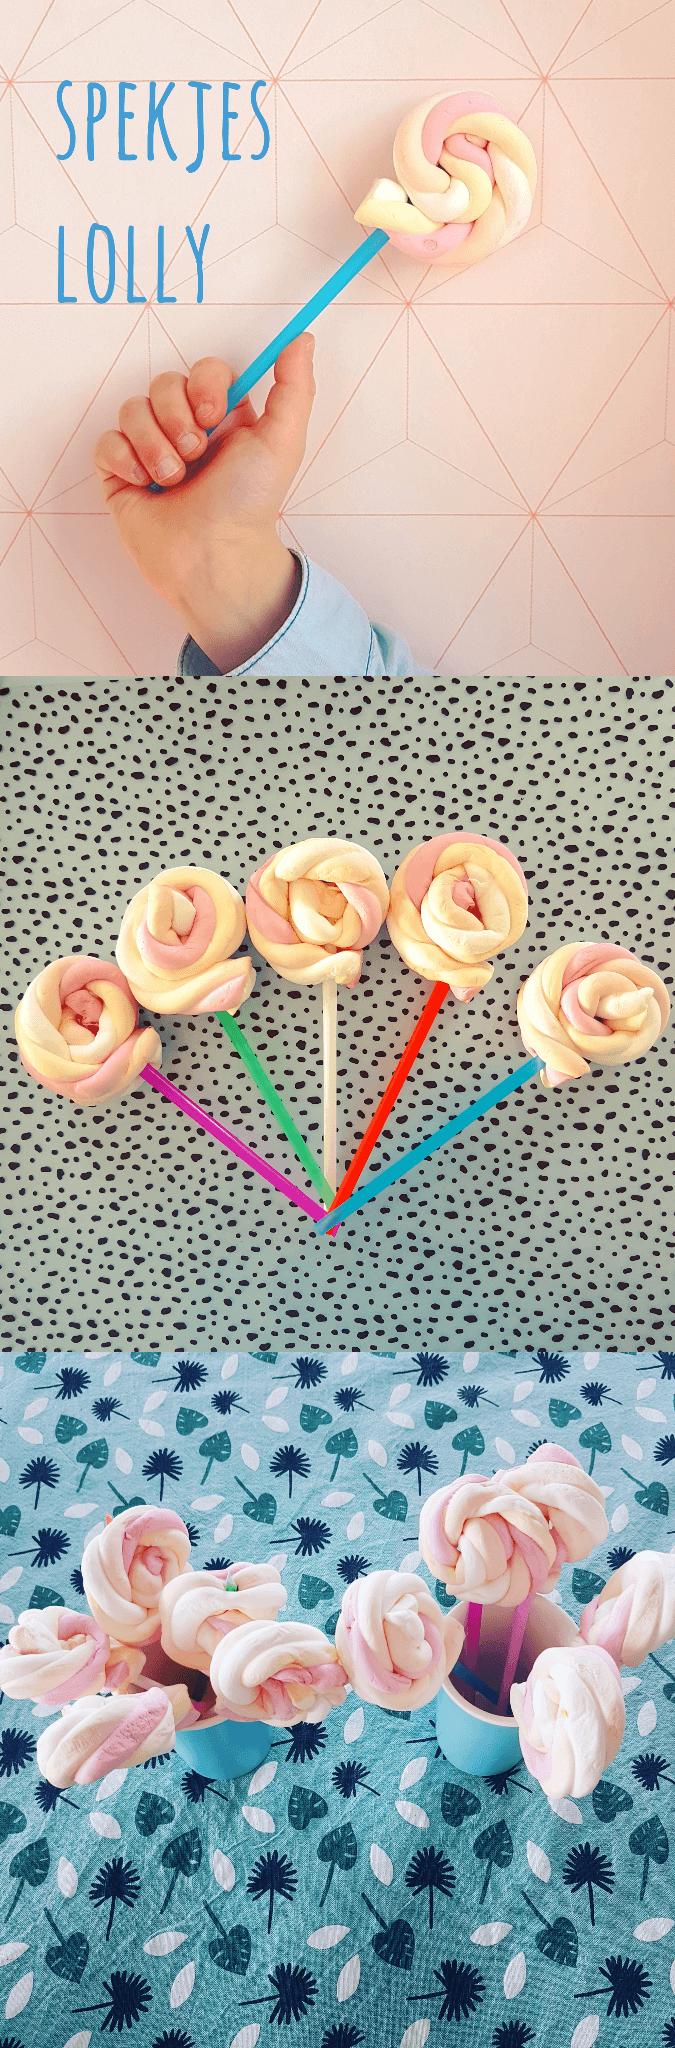 Leuke traktatie voor verjaardag: zelfgemaakte spekjes lolly